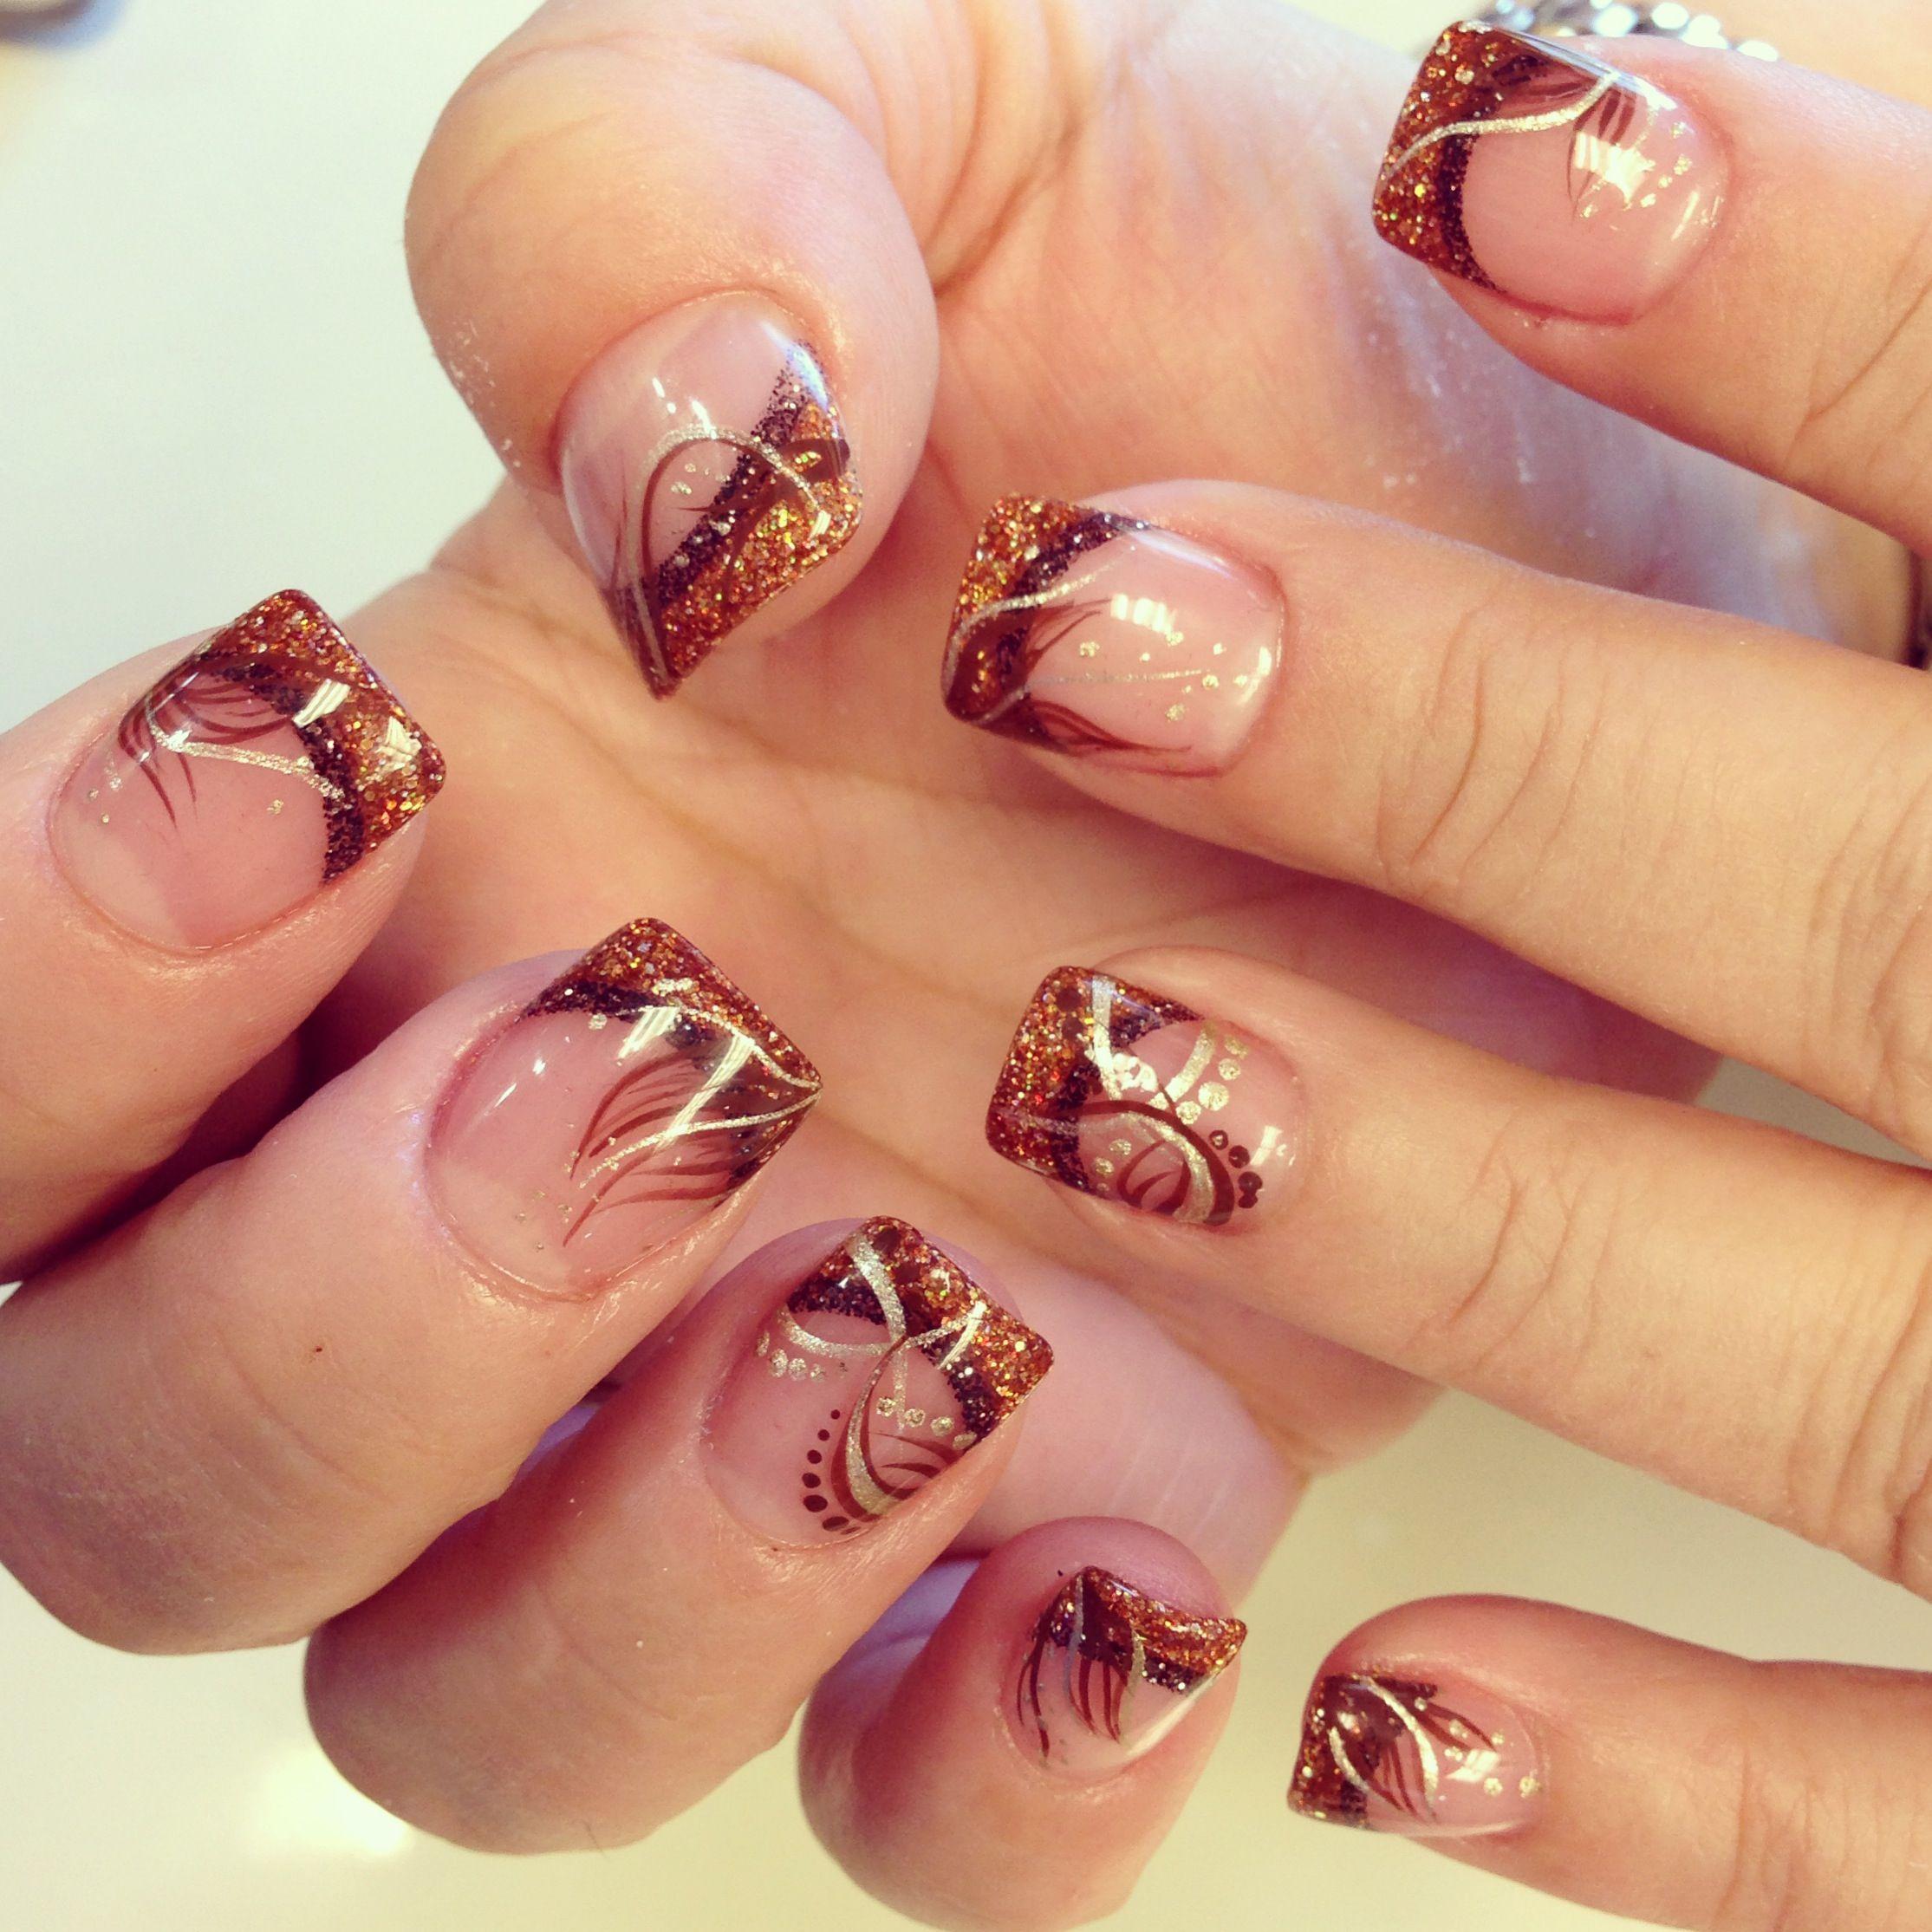 27 Motive For Winter Christmas Nail Art Ideas Nailart Nail Art Designs Diy Minimalist Nail Art Winter Nails